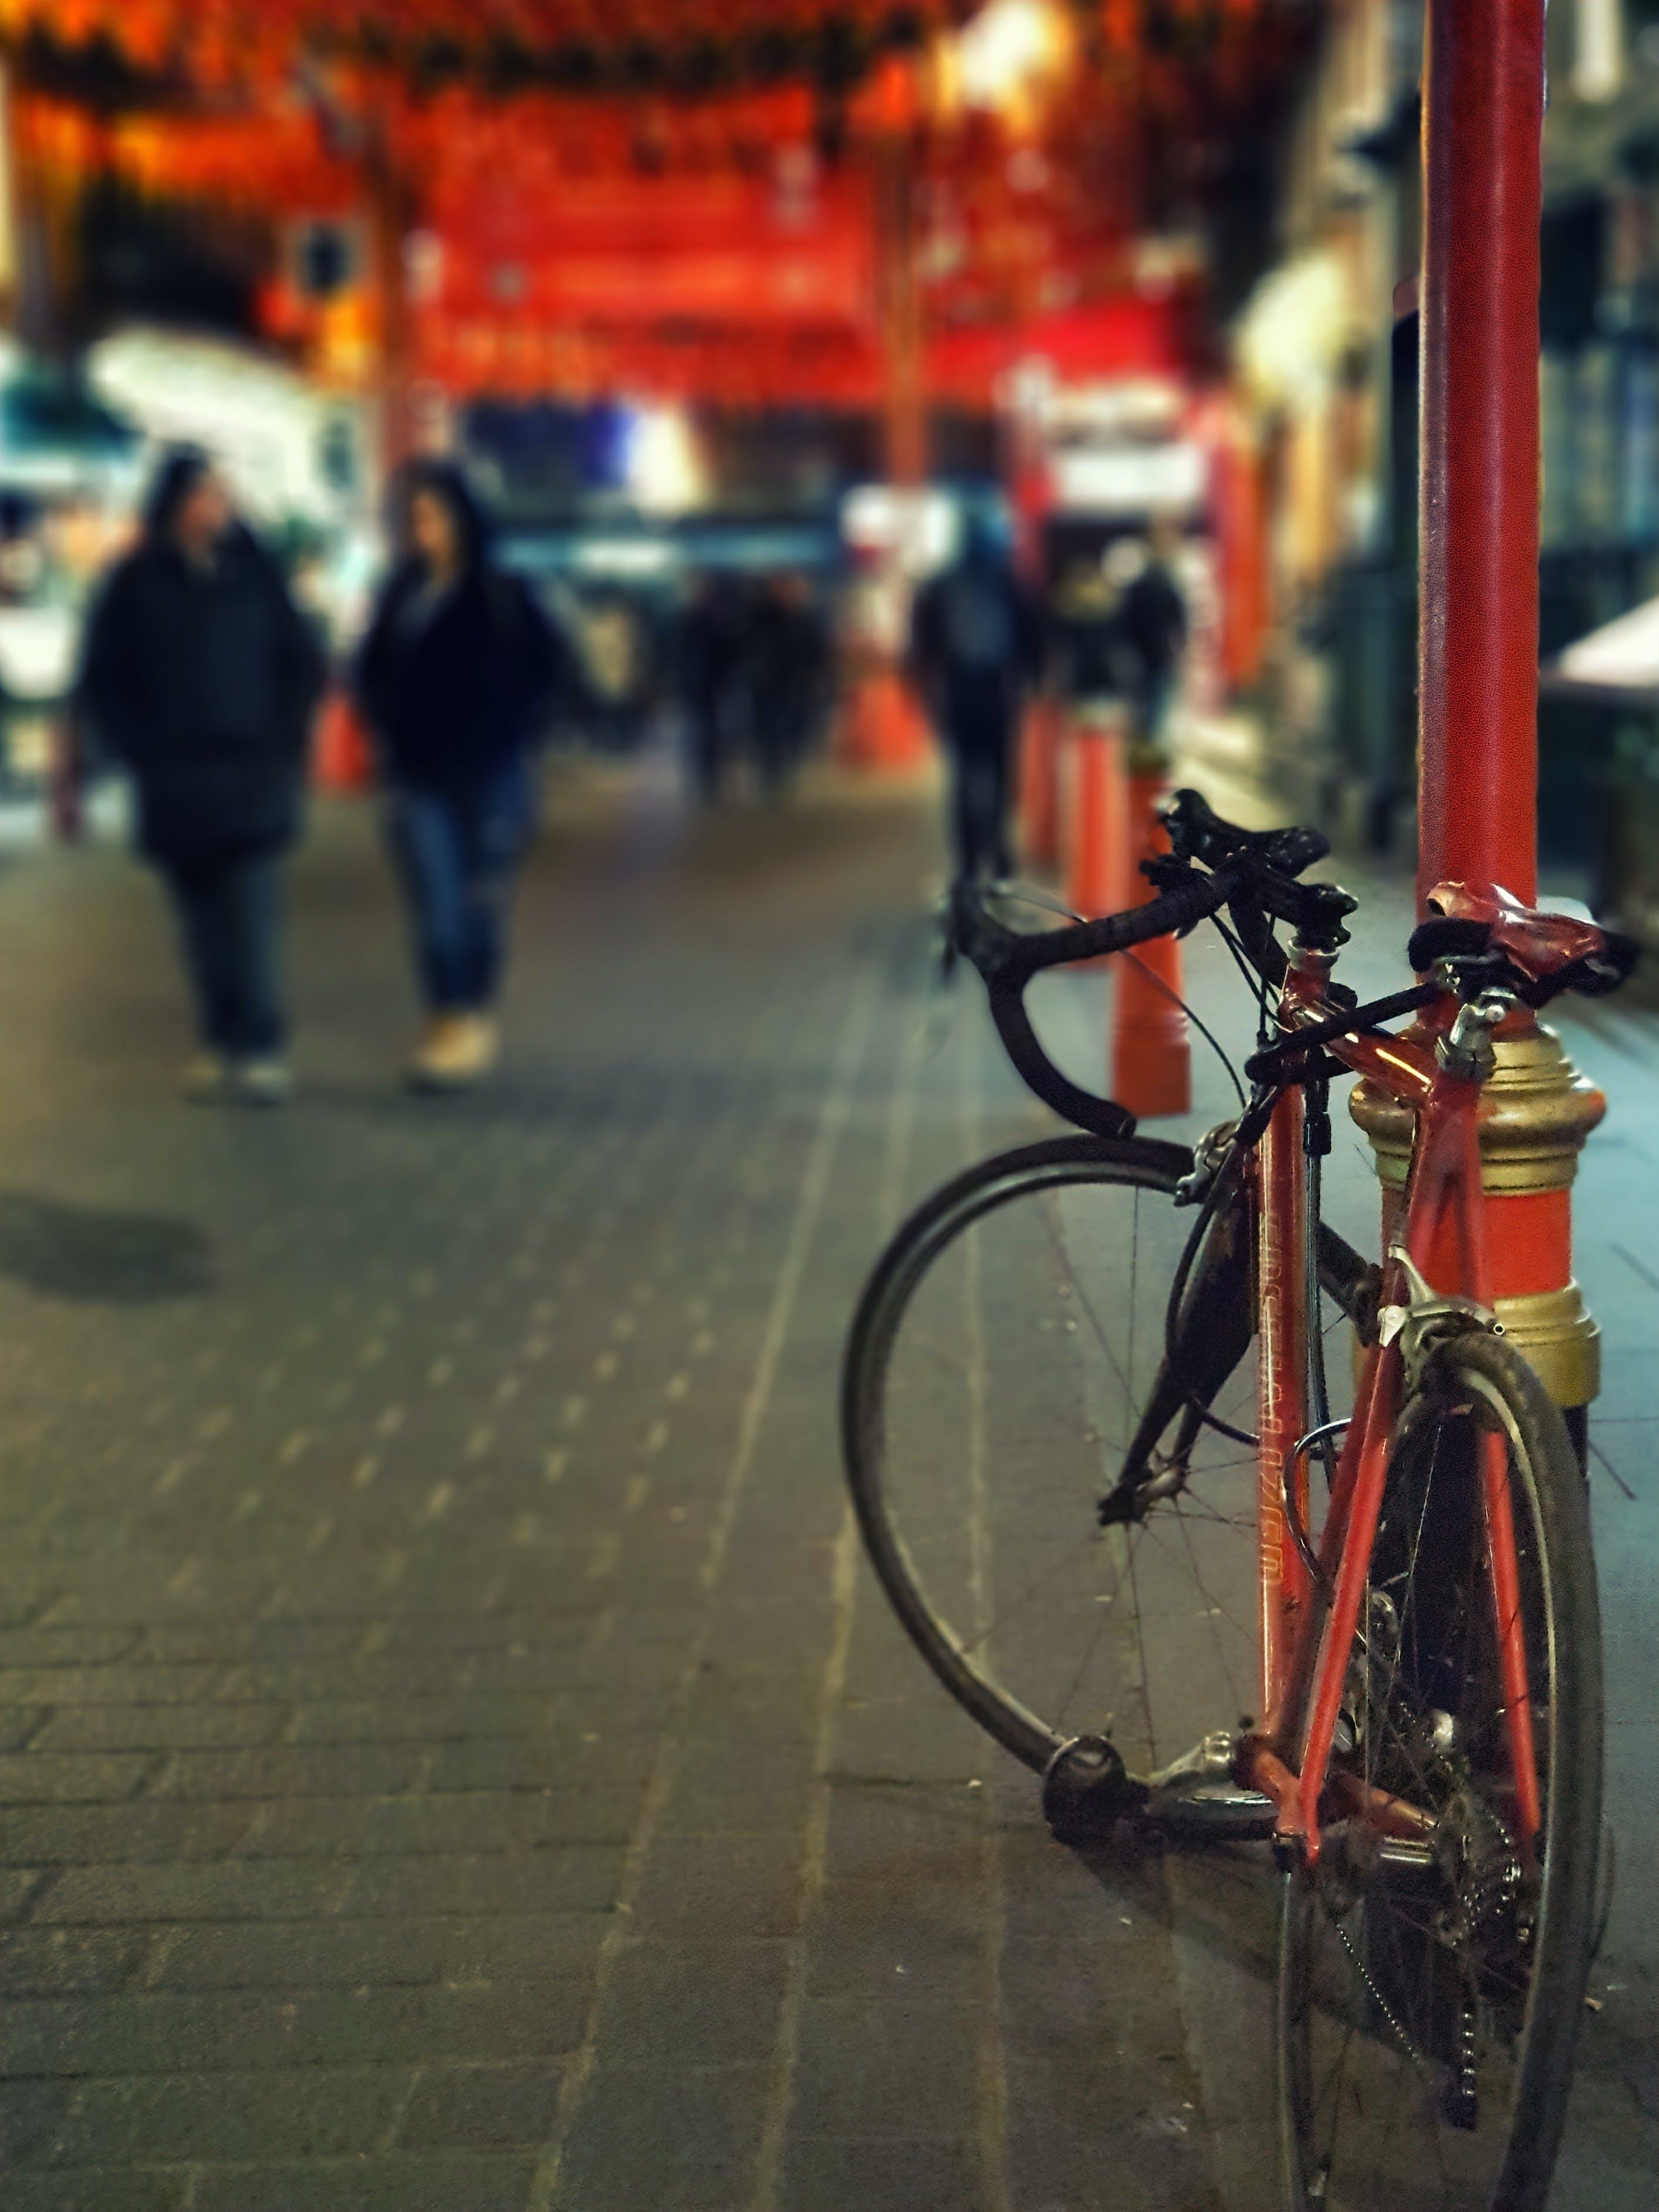 Ảnh lưu trữ miễn phí về hệ thống giao thông, vỉa hè, Xe đạp, đường phố